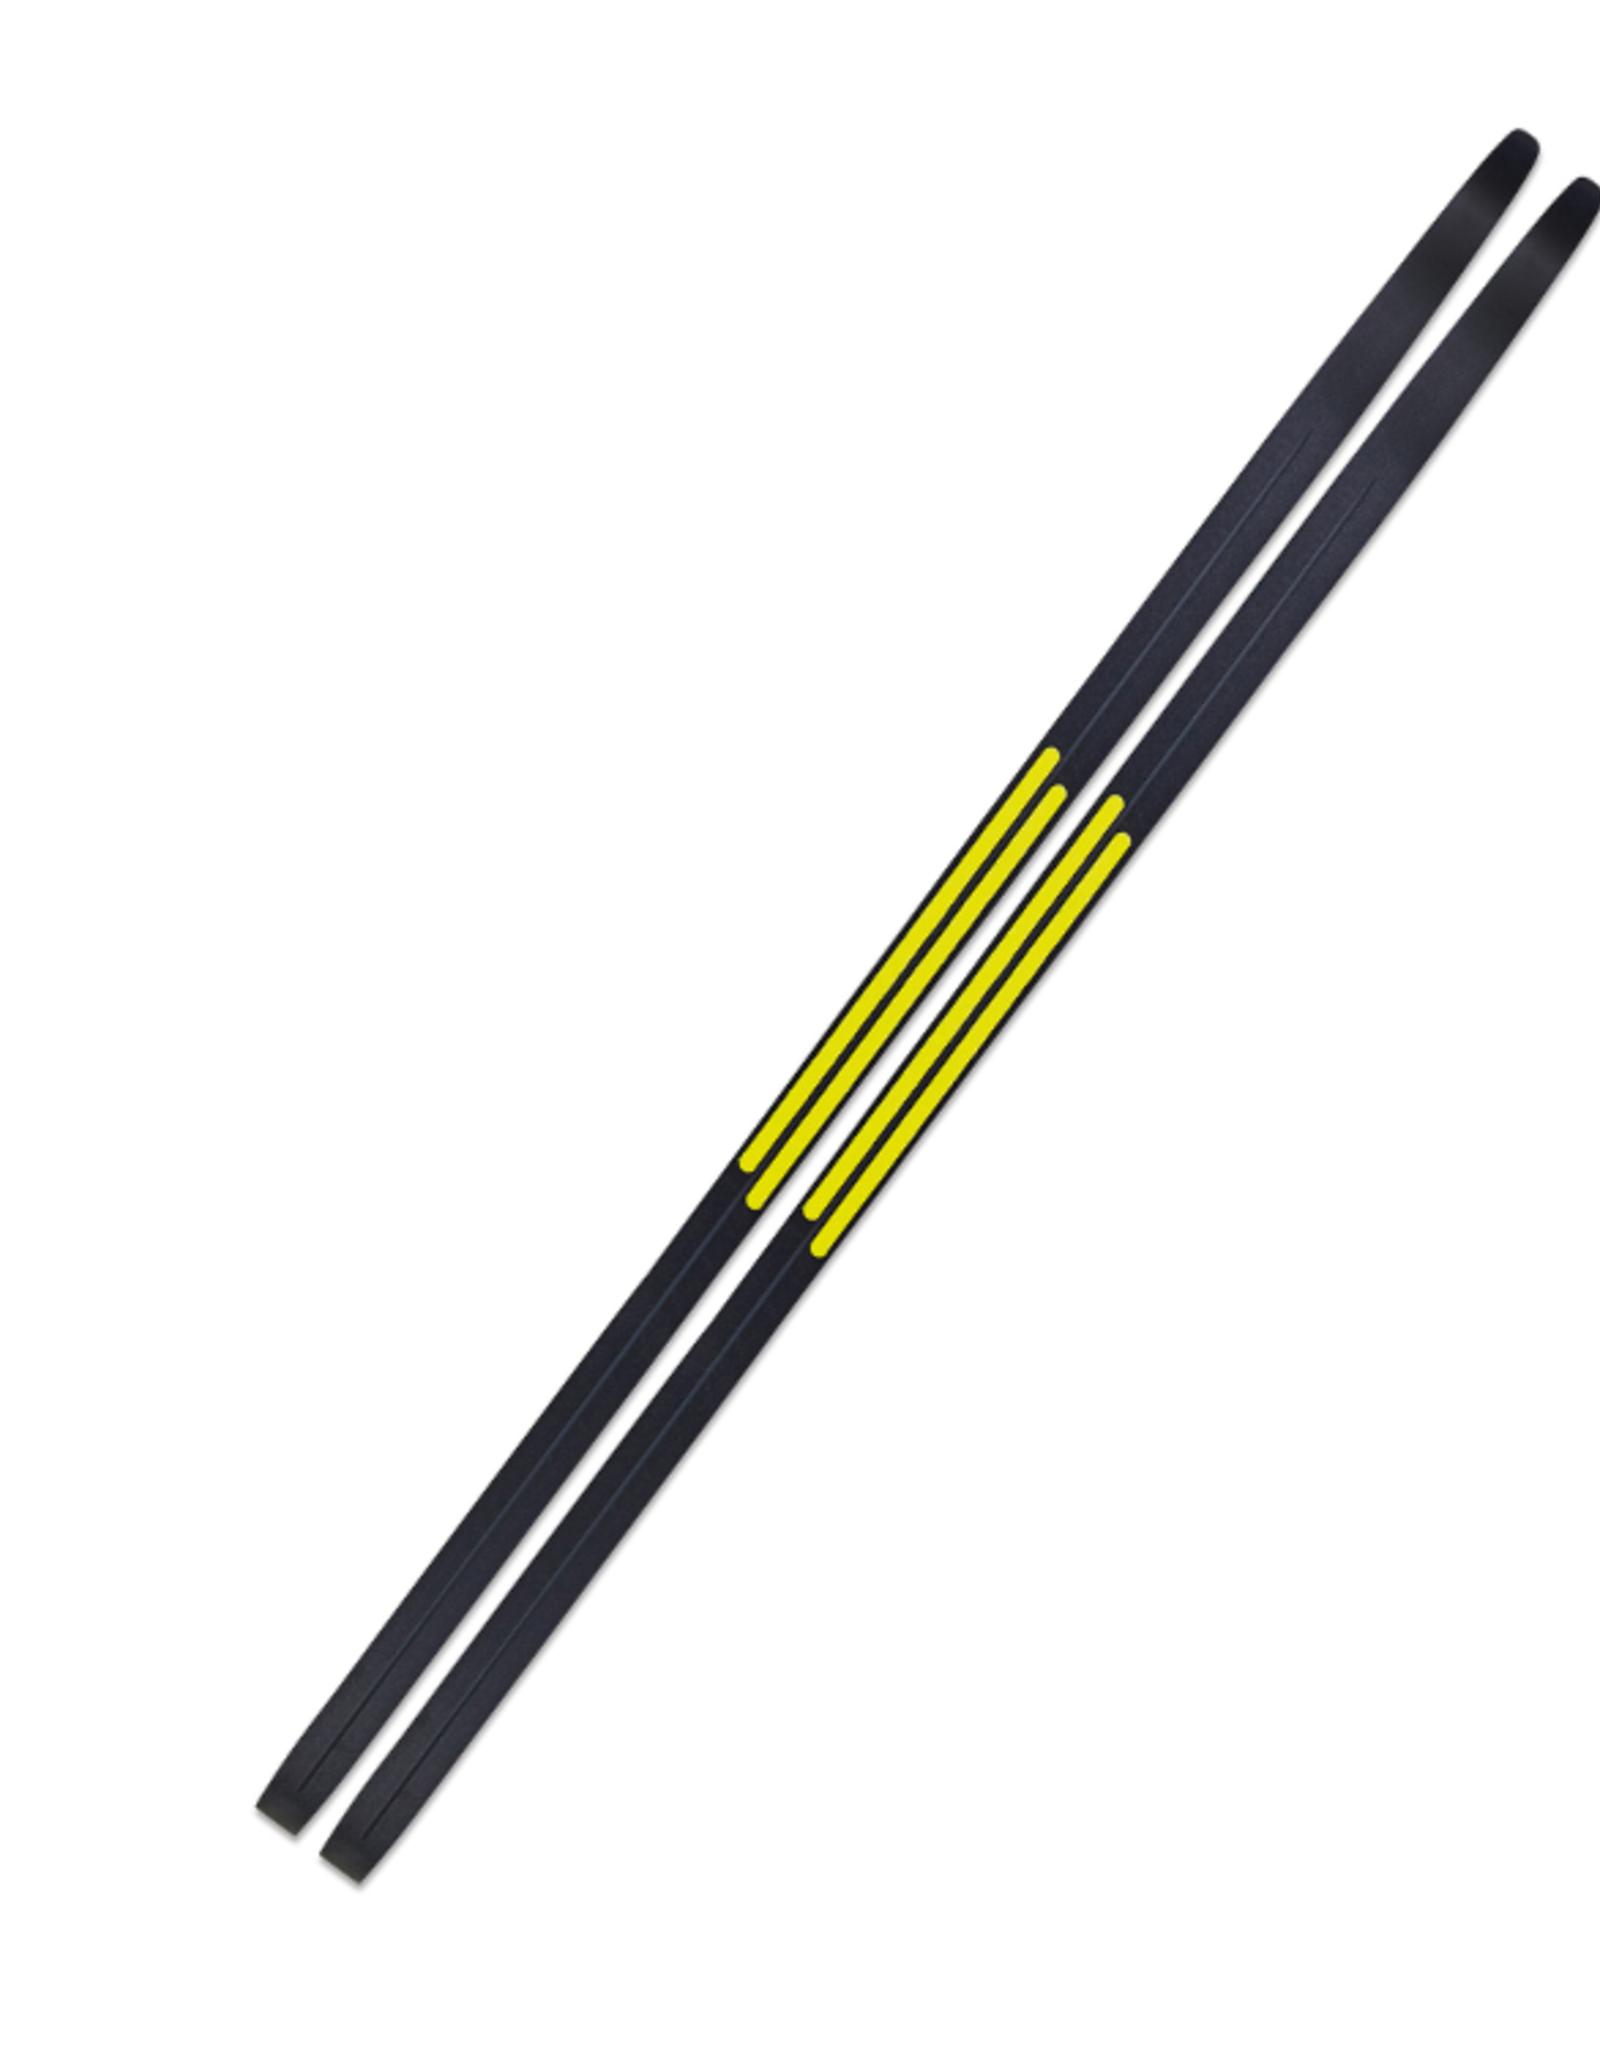 Fischer Fischer 2022 Twin Skin Cruiser EF Touring IFP Ski -